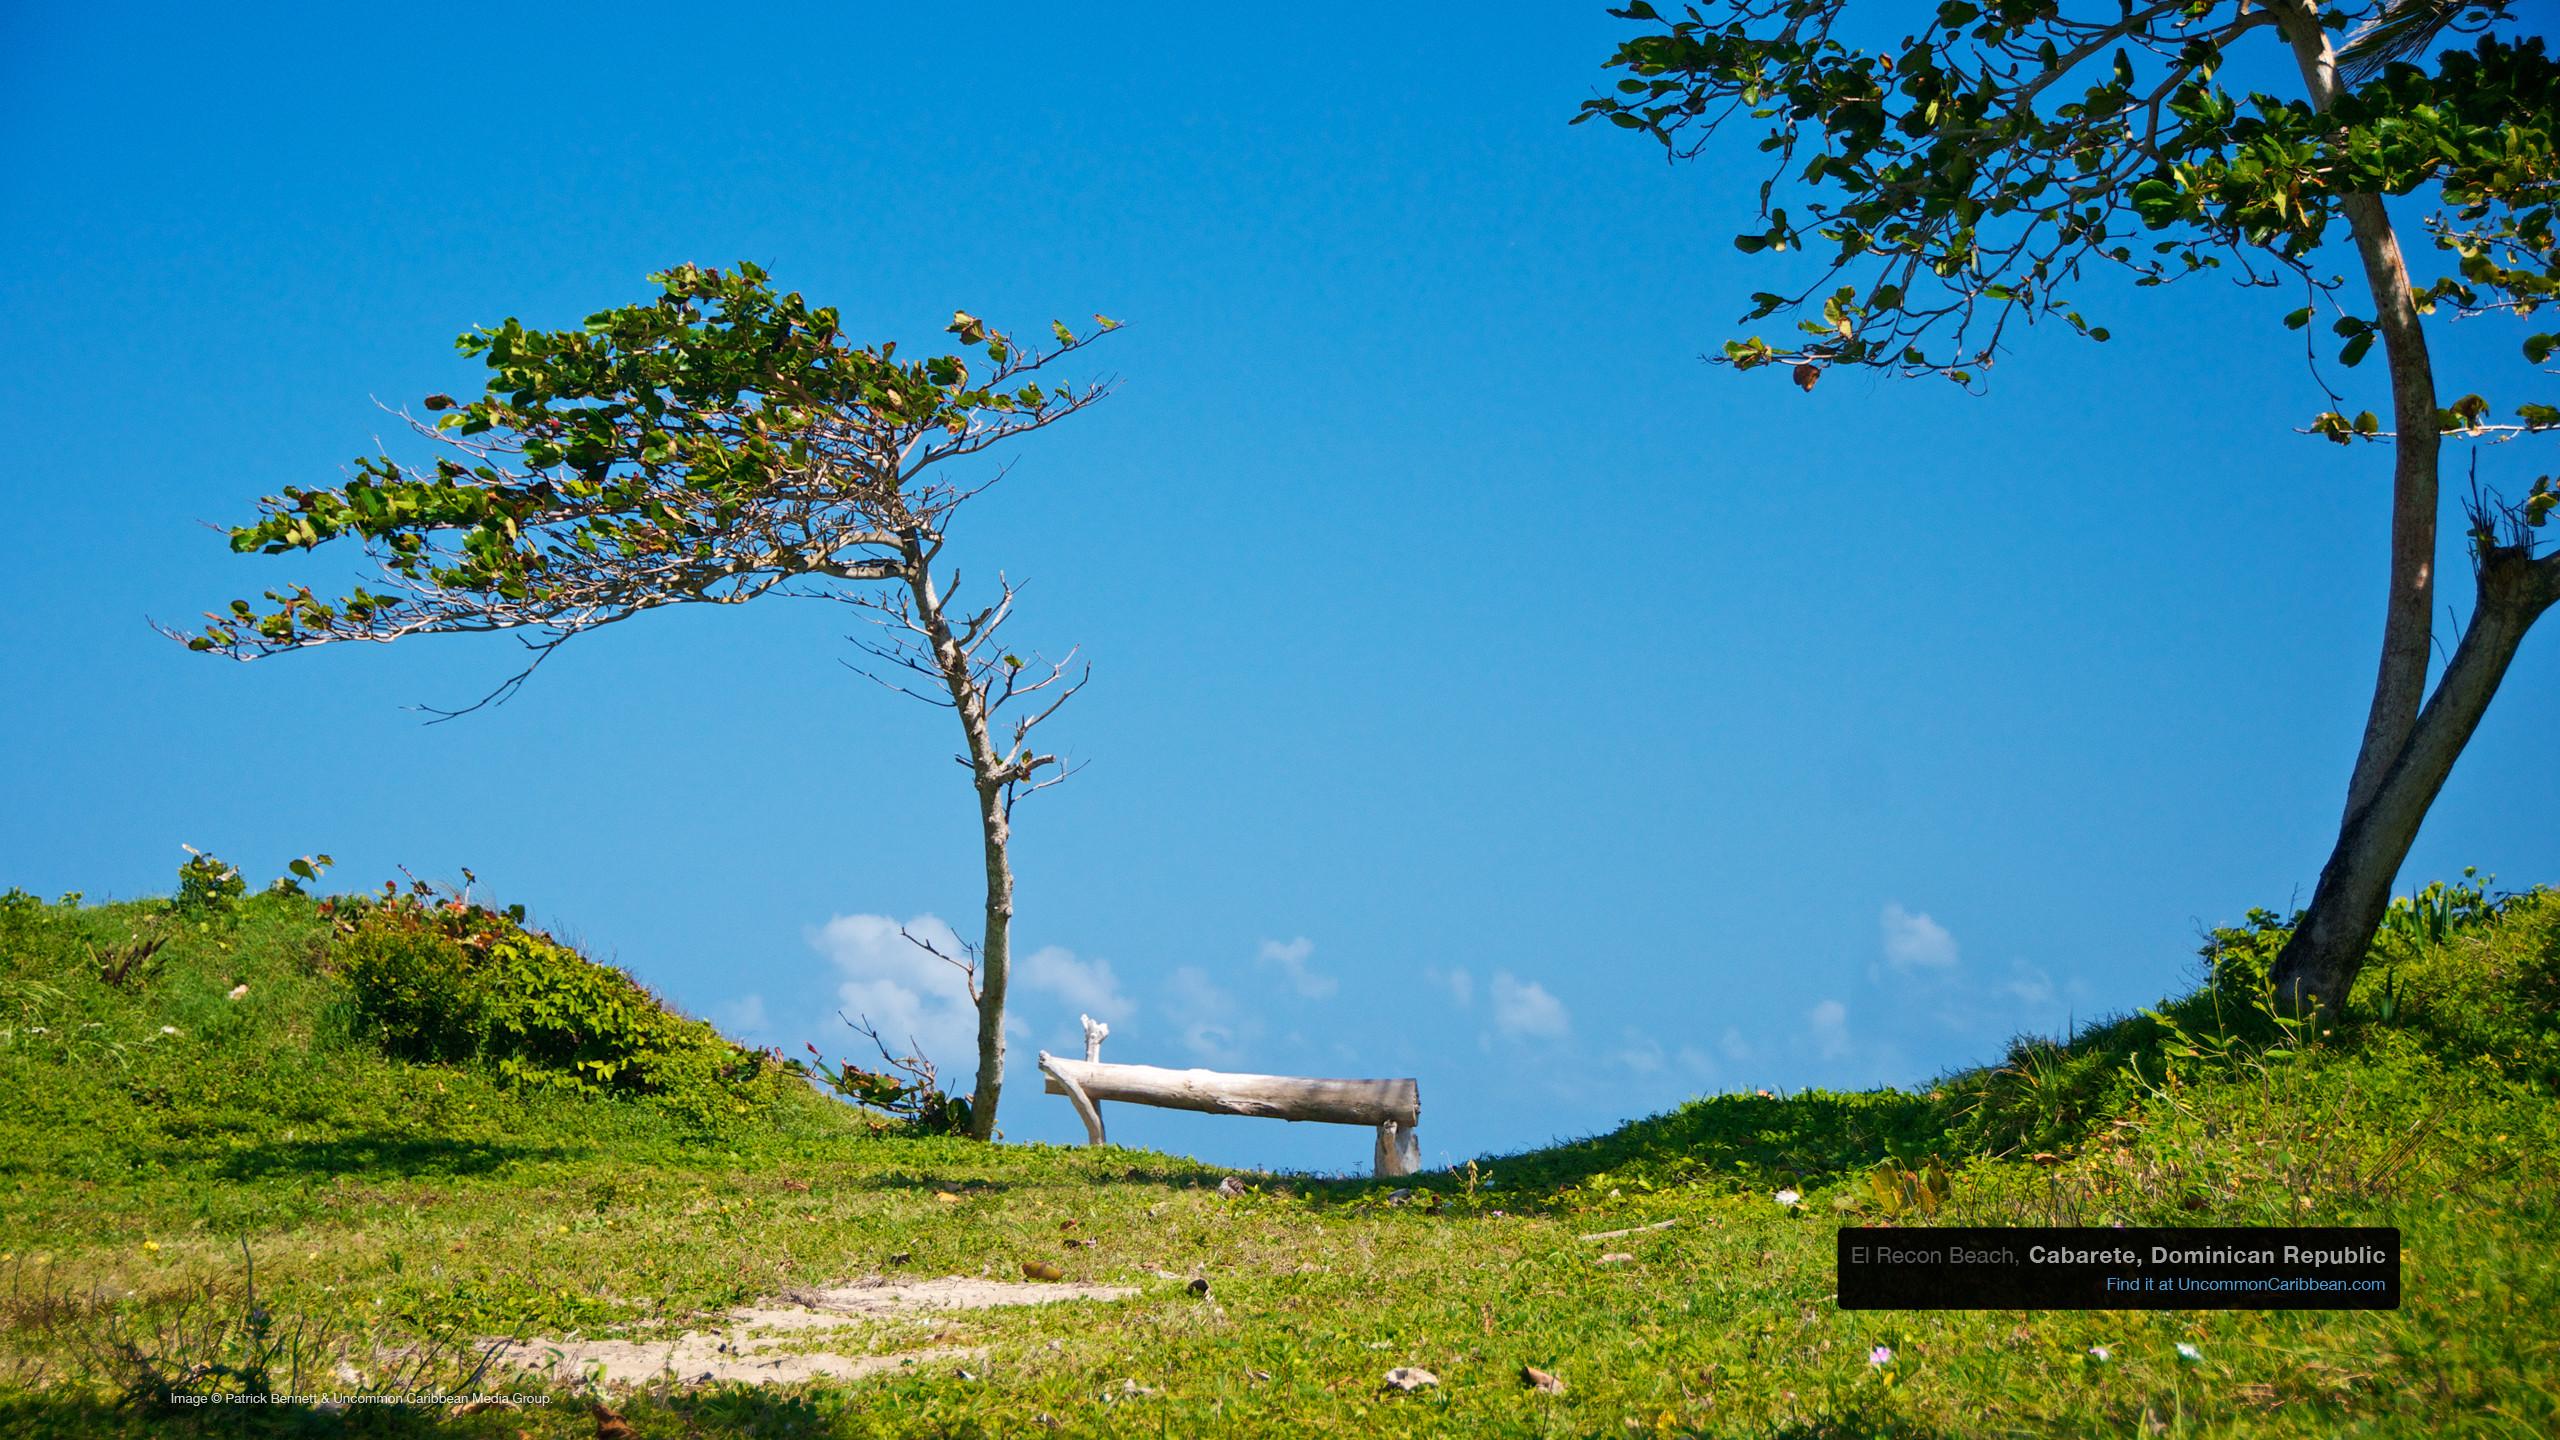 … El Recon Beach, Cabarete, Dominican Republic